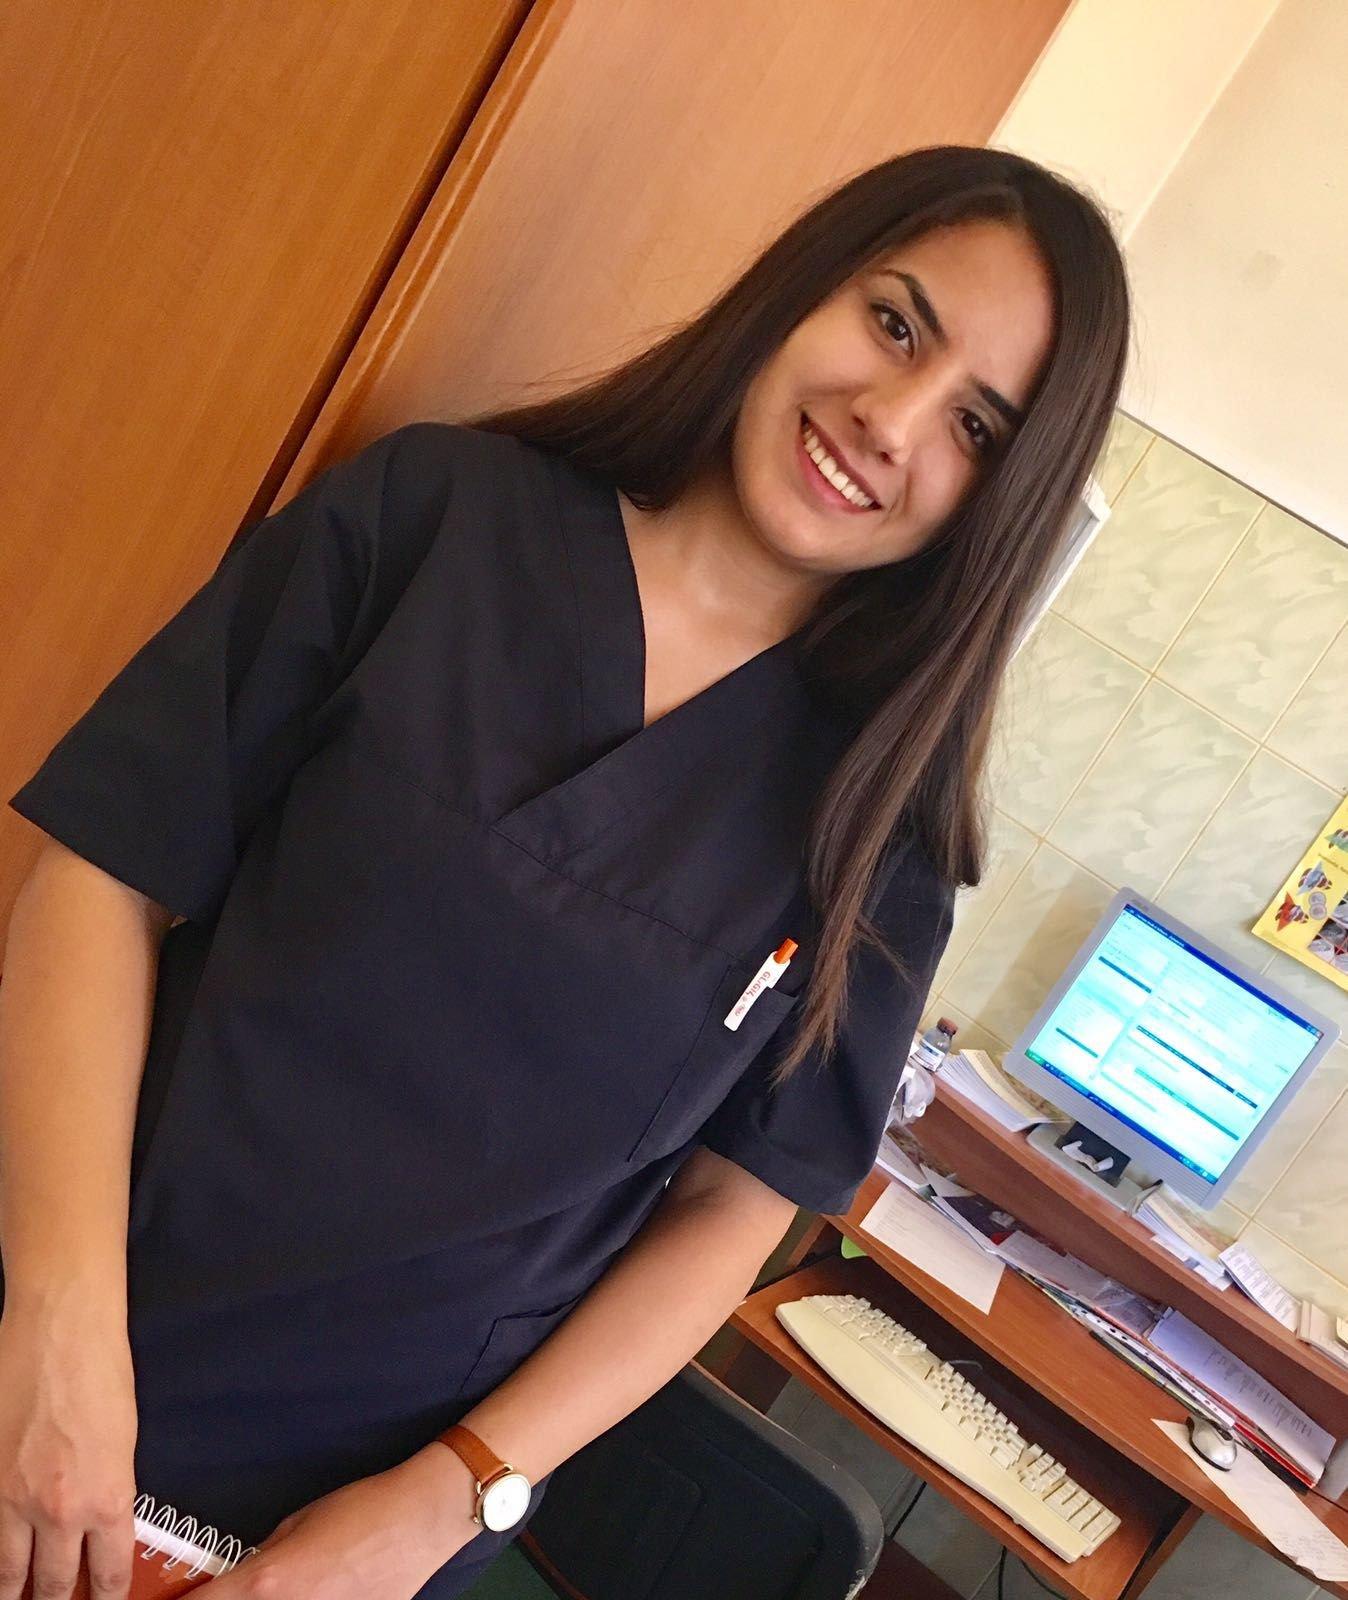 مجتمع الأطباء: أربع أخوات يدرسن الطب معًا خارج البلاد ويتقاسمن شقّة واحدة